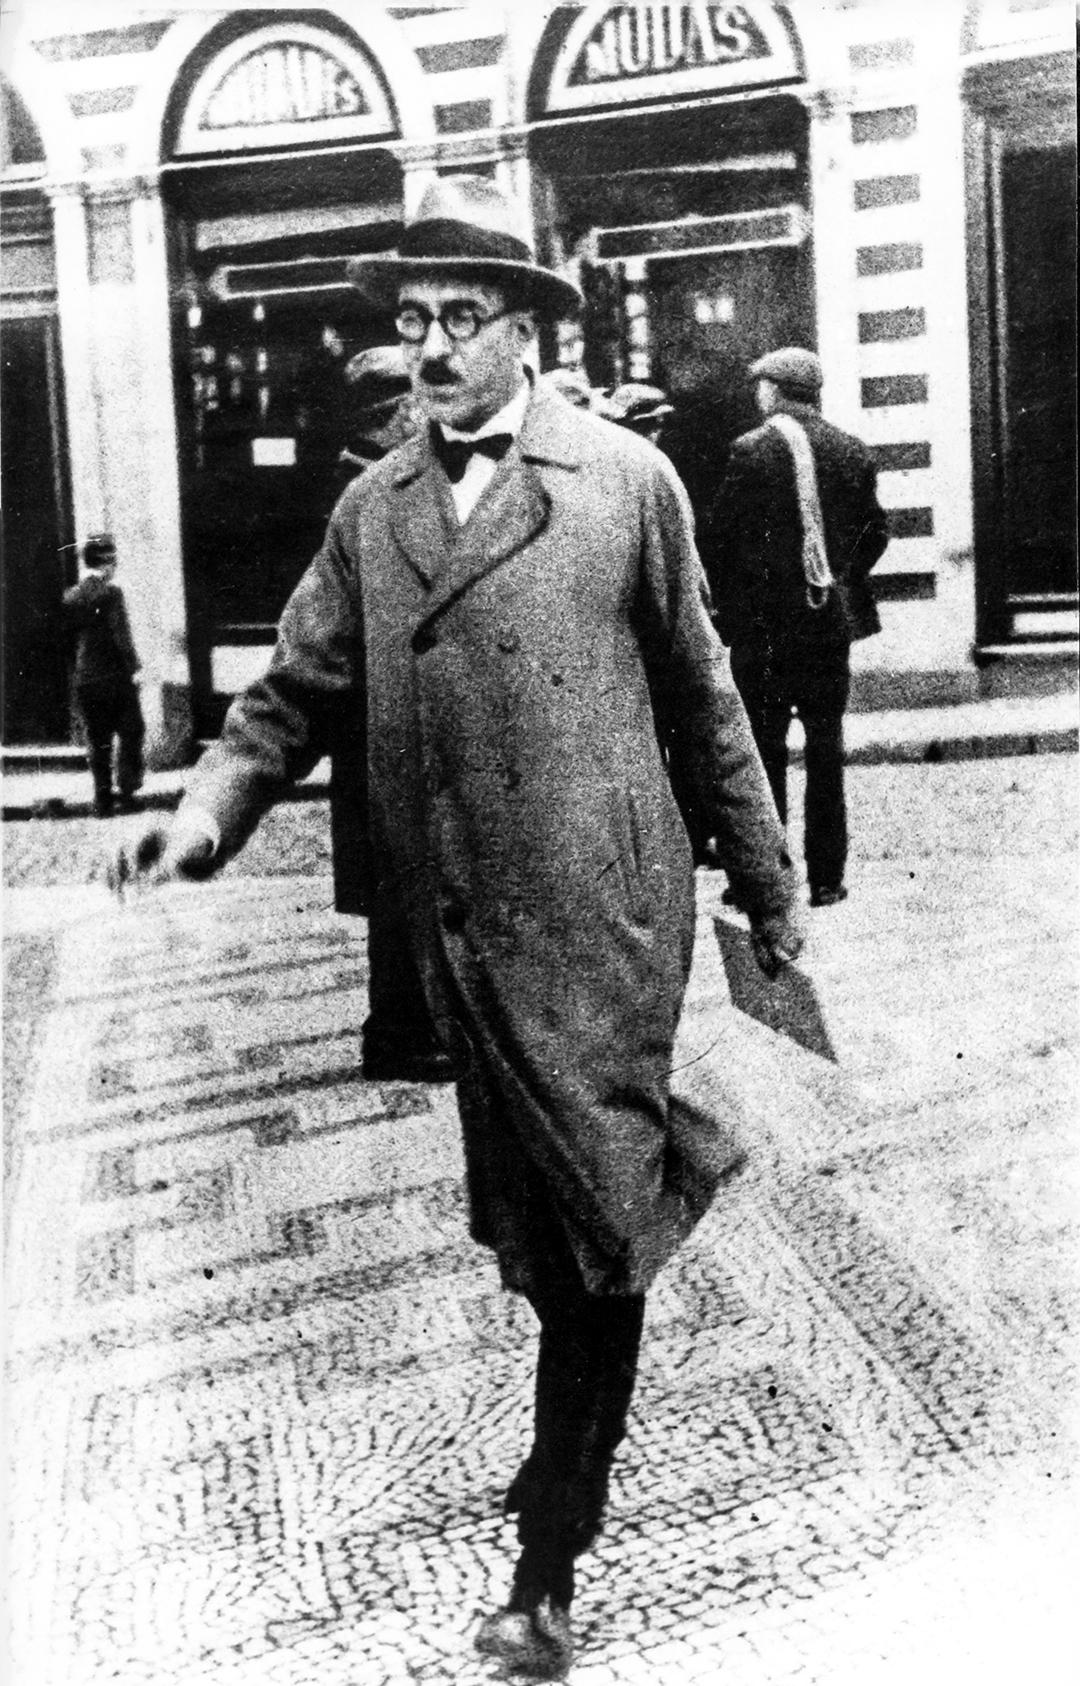 Fernando Pessoa in downtown Lisbon.